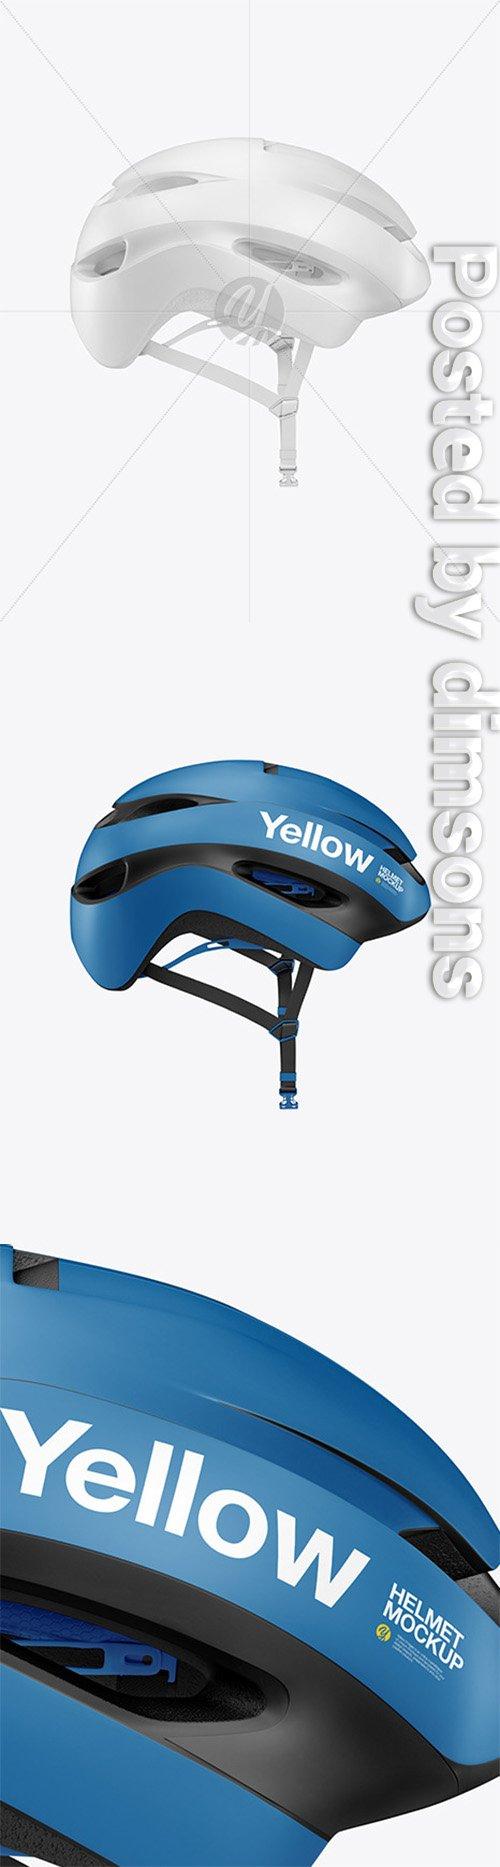 Cycling Helmet Mockup 45361 TIF